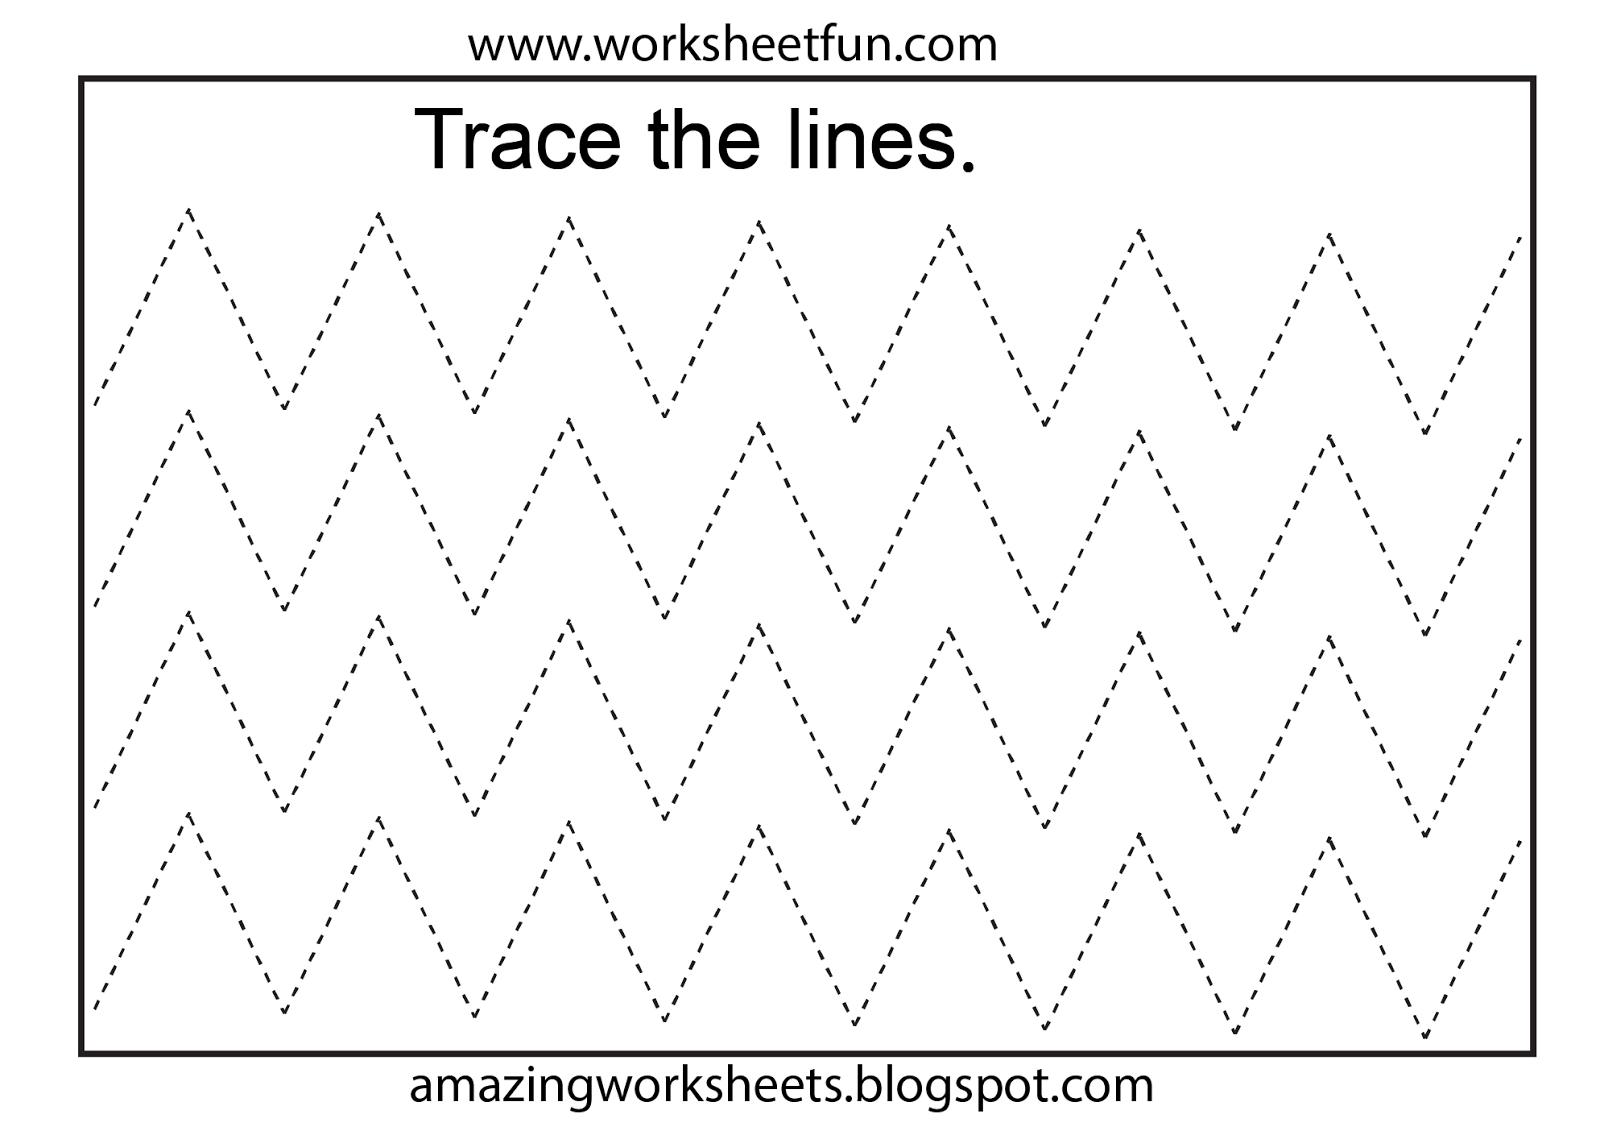 Worksheetfun - Free Printable Worksheets | Toddler Worksheets - Free Printable Tracing Worksheets